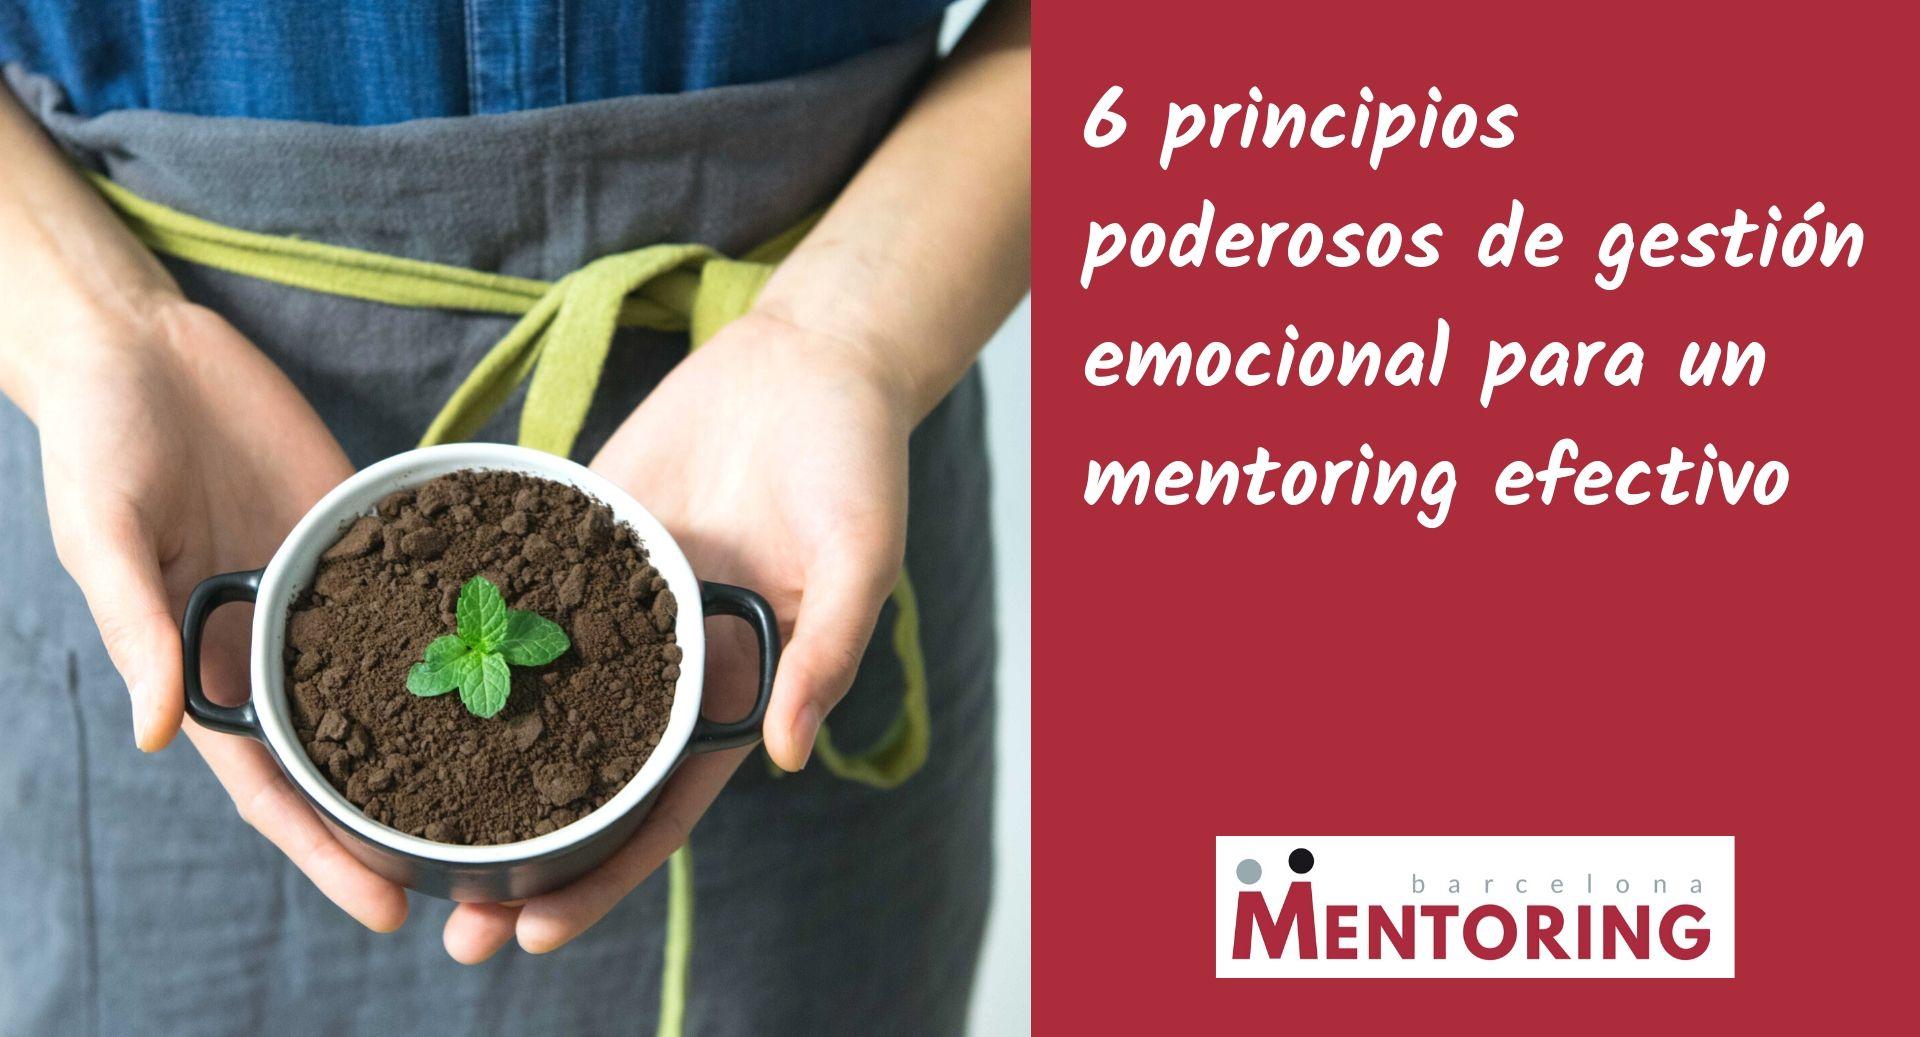 Mentoring efectivo y gestión emocional